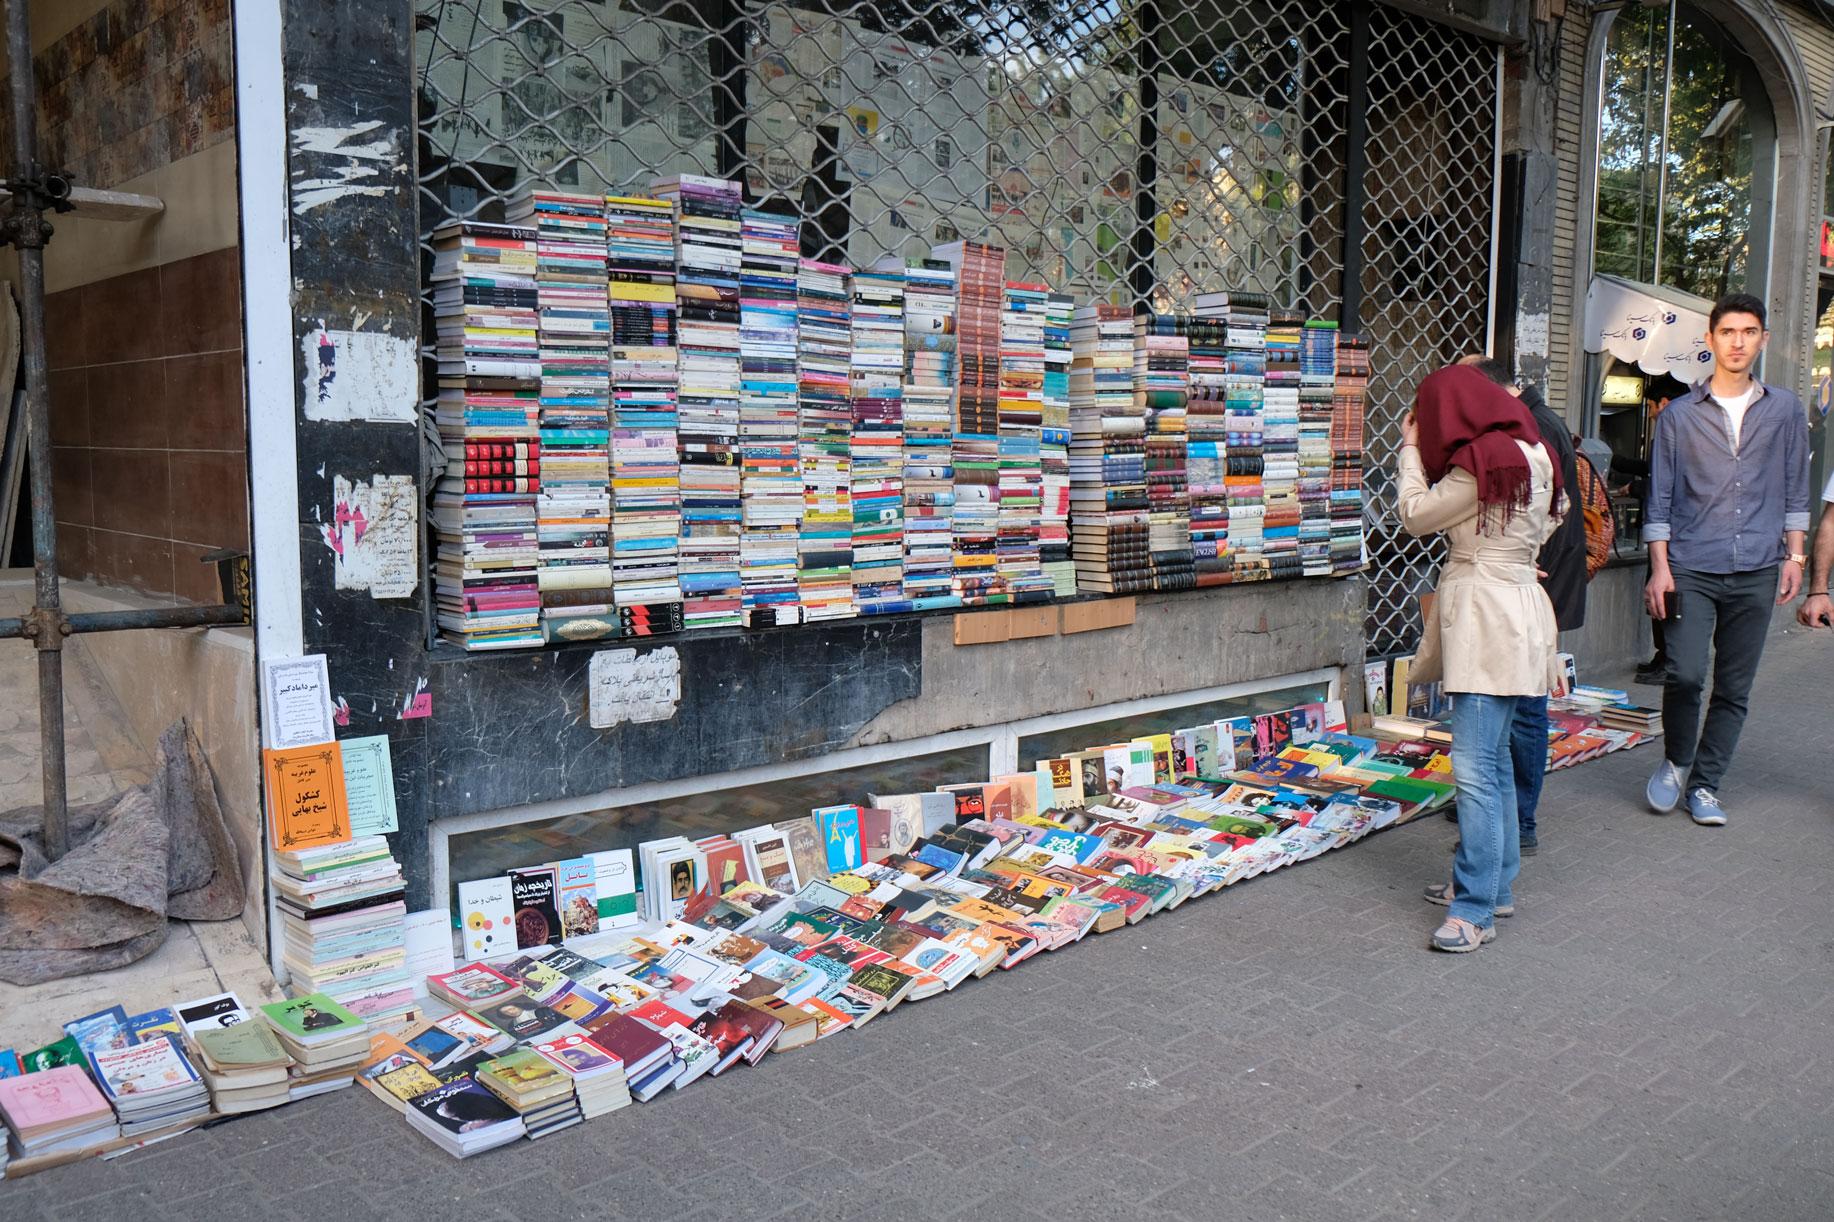 Vor einem geschlossenen Geschäft sind viele Bücher zu Stapeln angeordnet